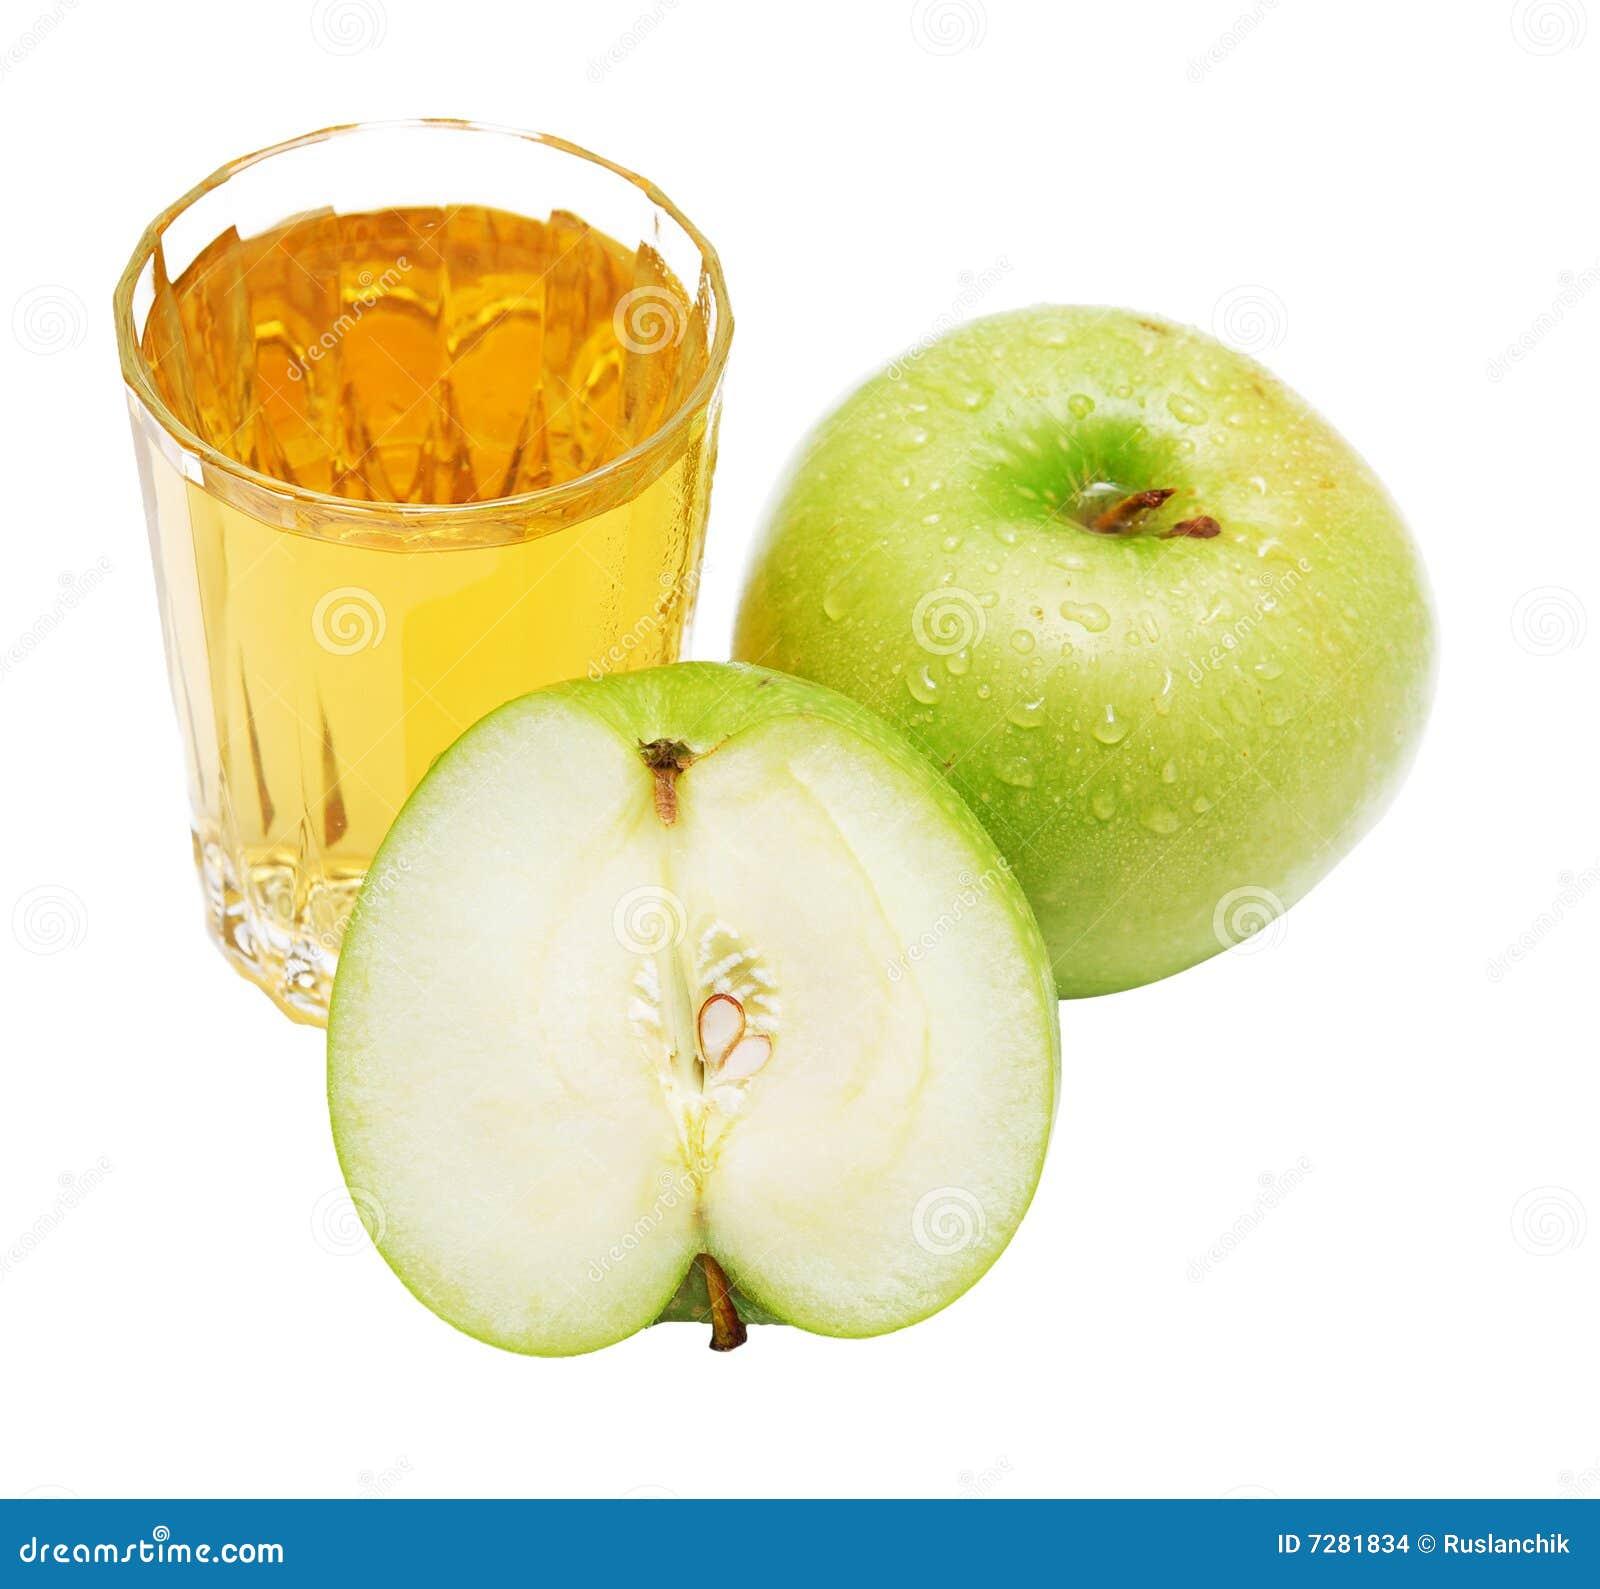 Succo di mele fotografia stock immagine di mela traversa - Immagini stampabili di mele ...